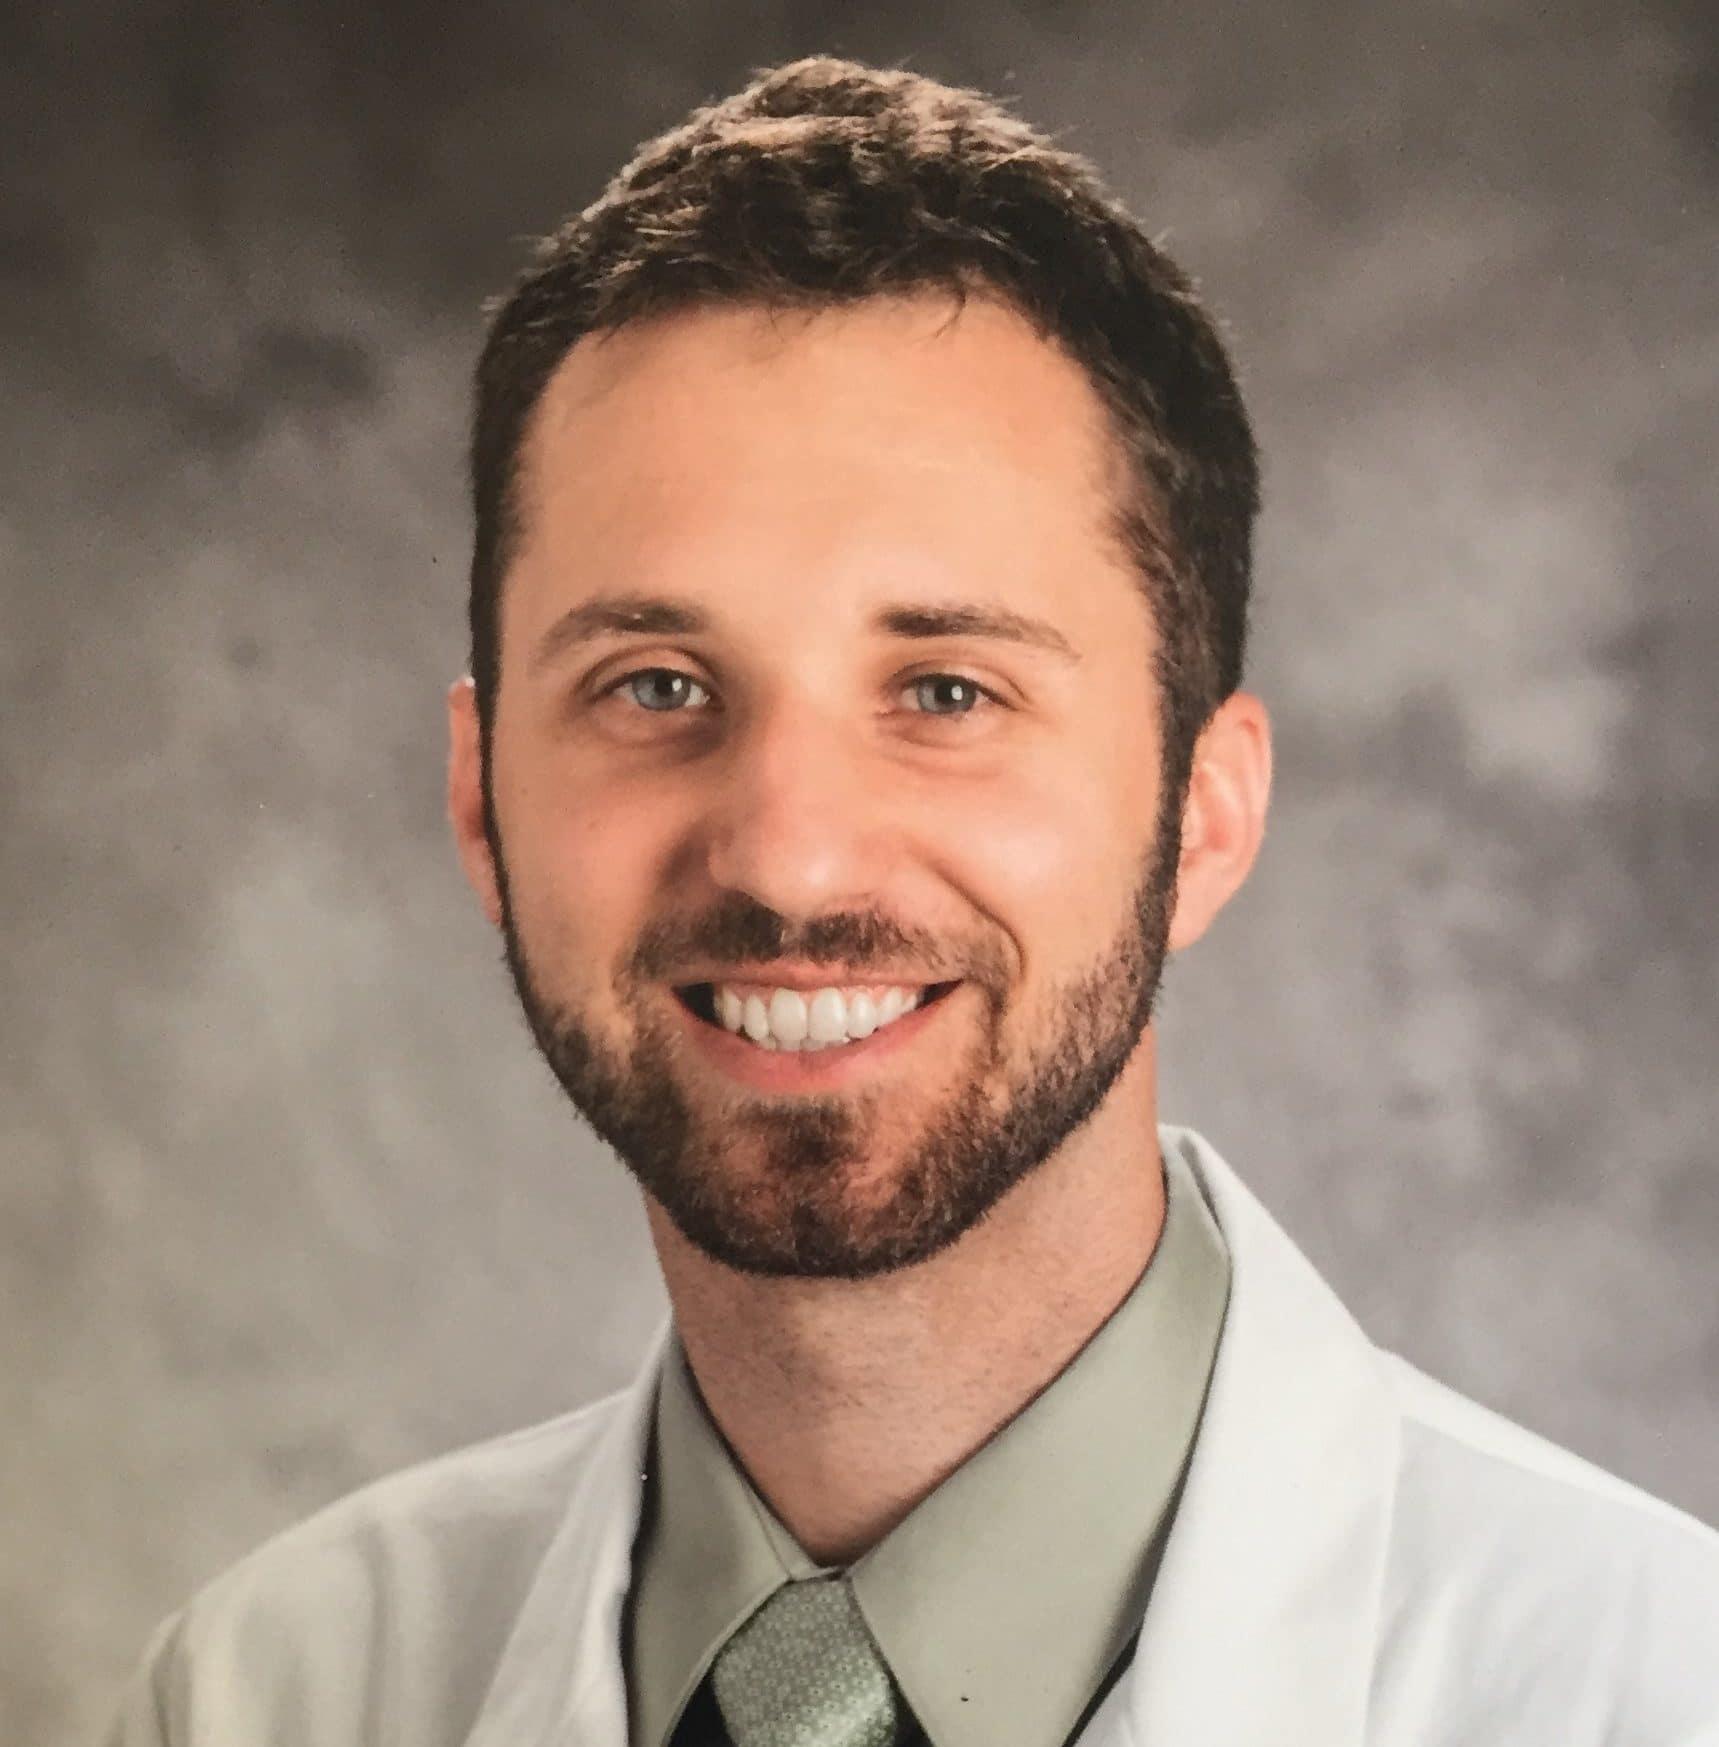 Aaron D. Jarrett, MD